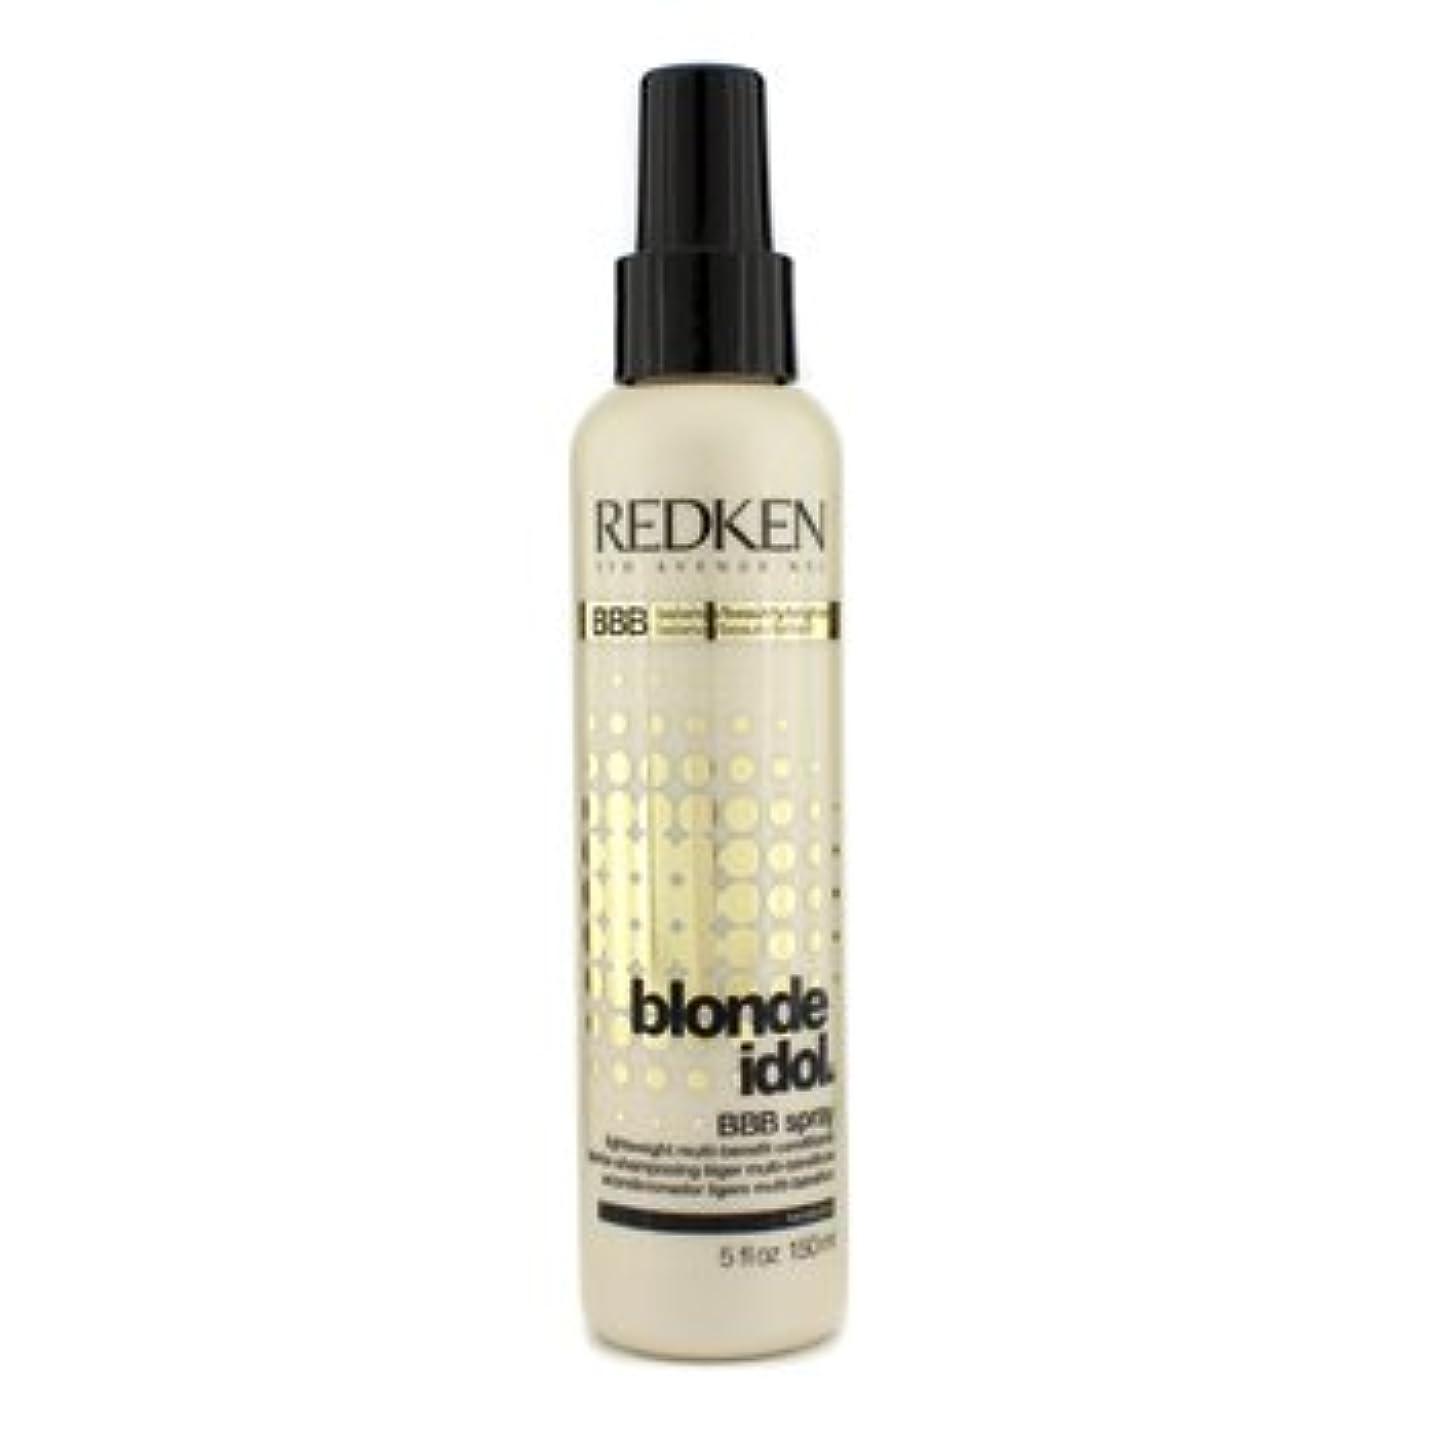 王朝国家素敵な[Redken] Blonde Idol BBB Spray Lightweight Multi-Benefit Conditioner (For Beautiful Blonde Hair) 150ml/5oz